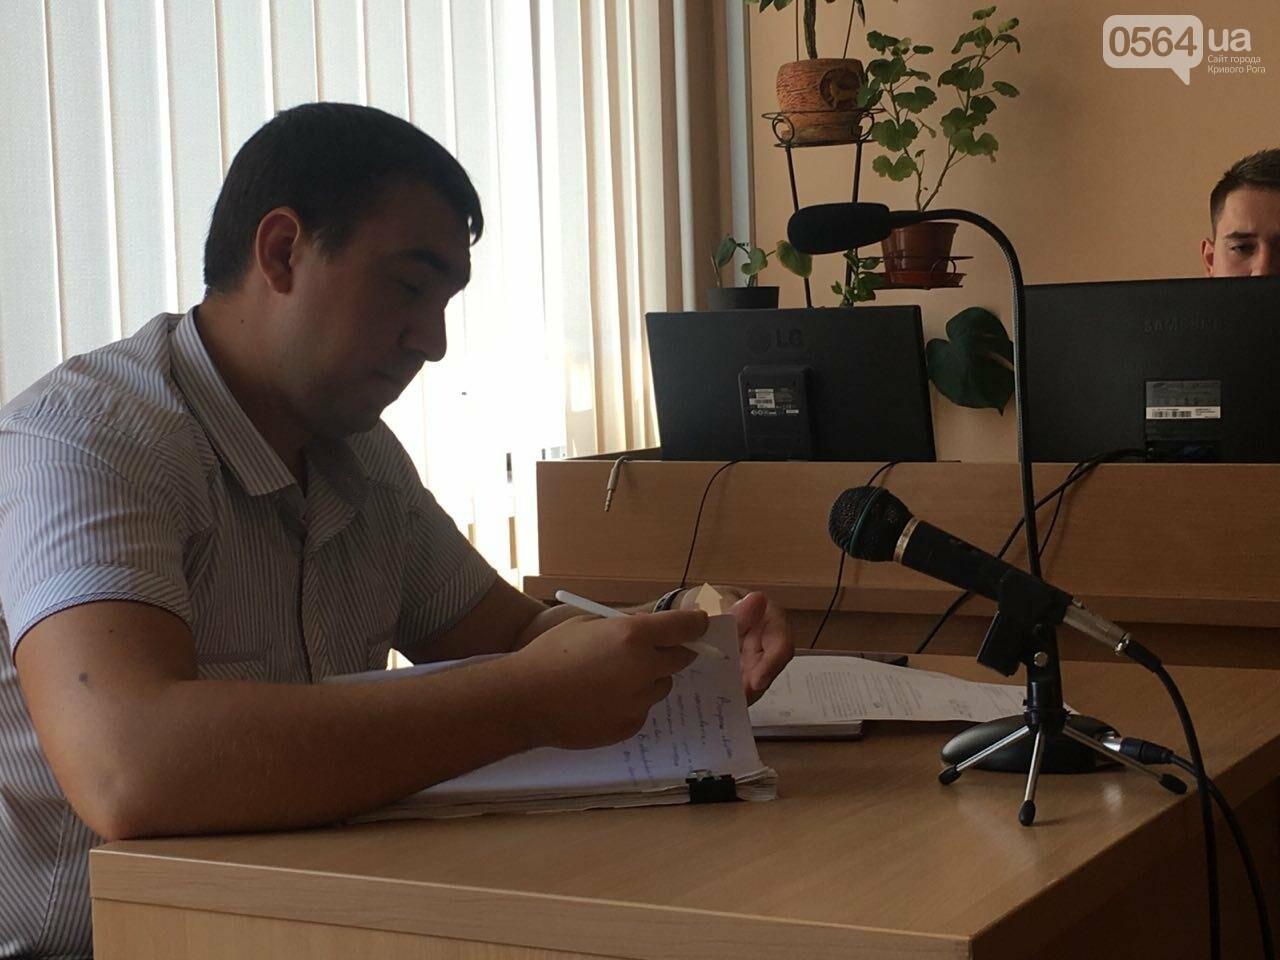 """Дело """"о горсти орехов"""": Свидетельские показания в суде дала известная криворожская волонтер, - ФОТО, фото-2"""